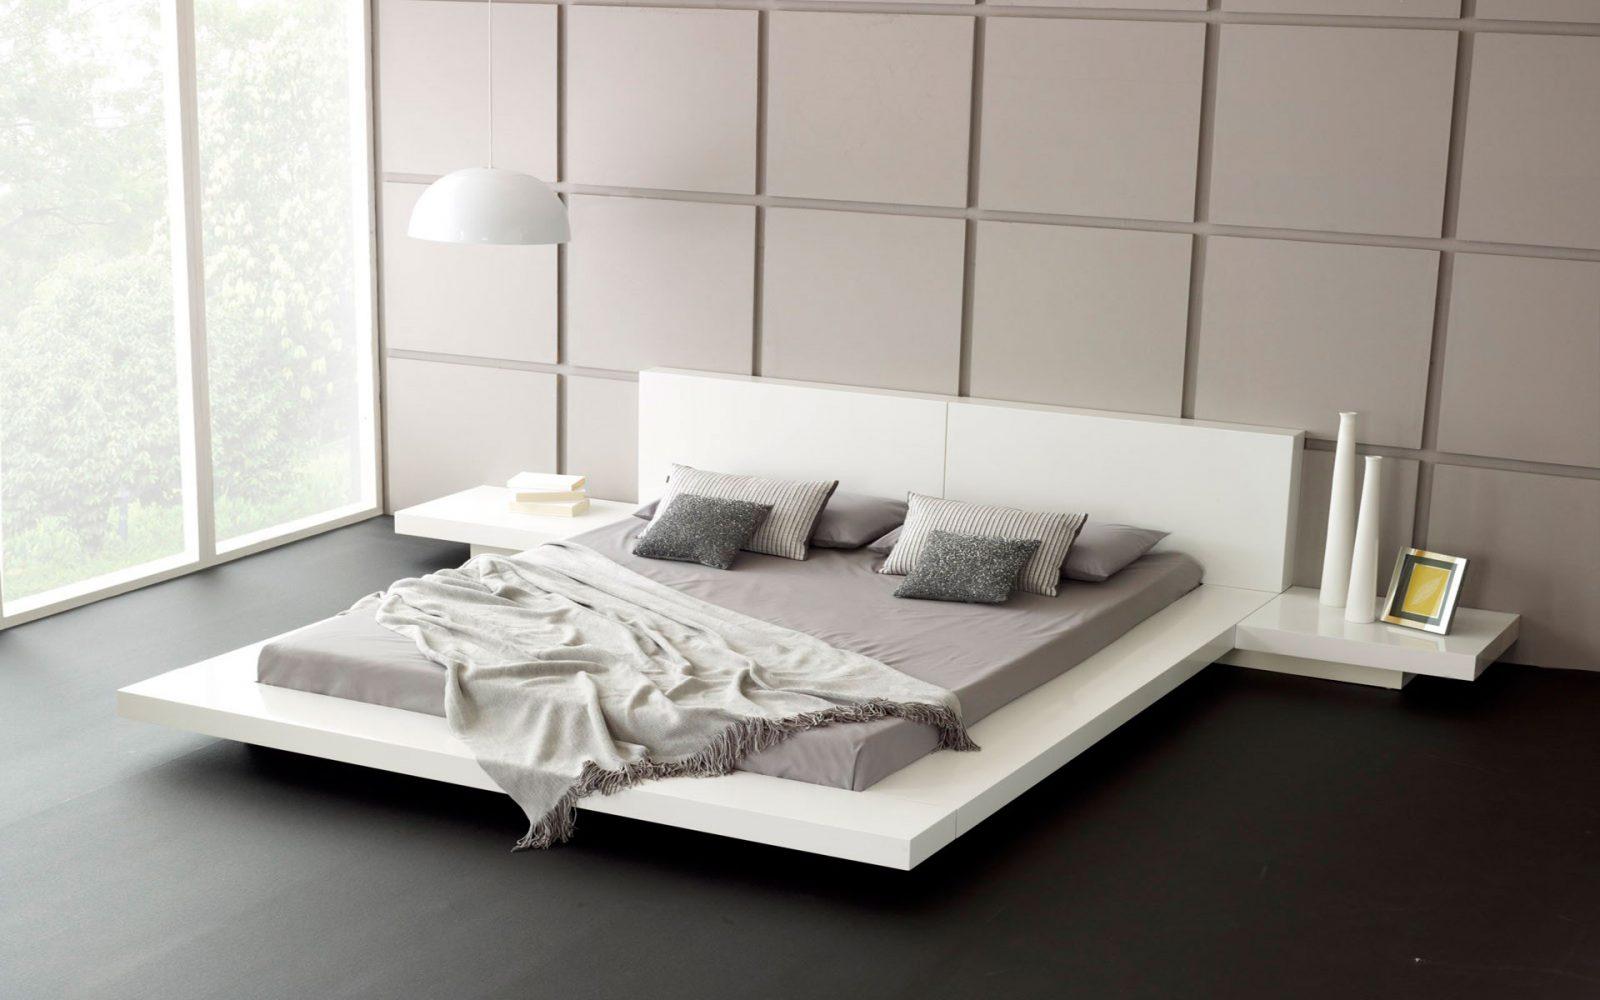 Galería de imágenes: Dormitorios de matrimonio modernos